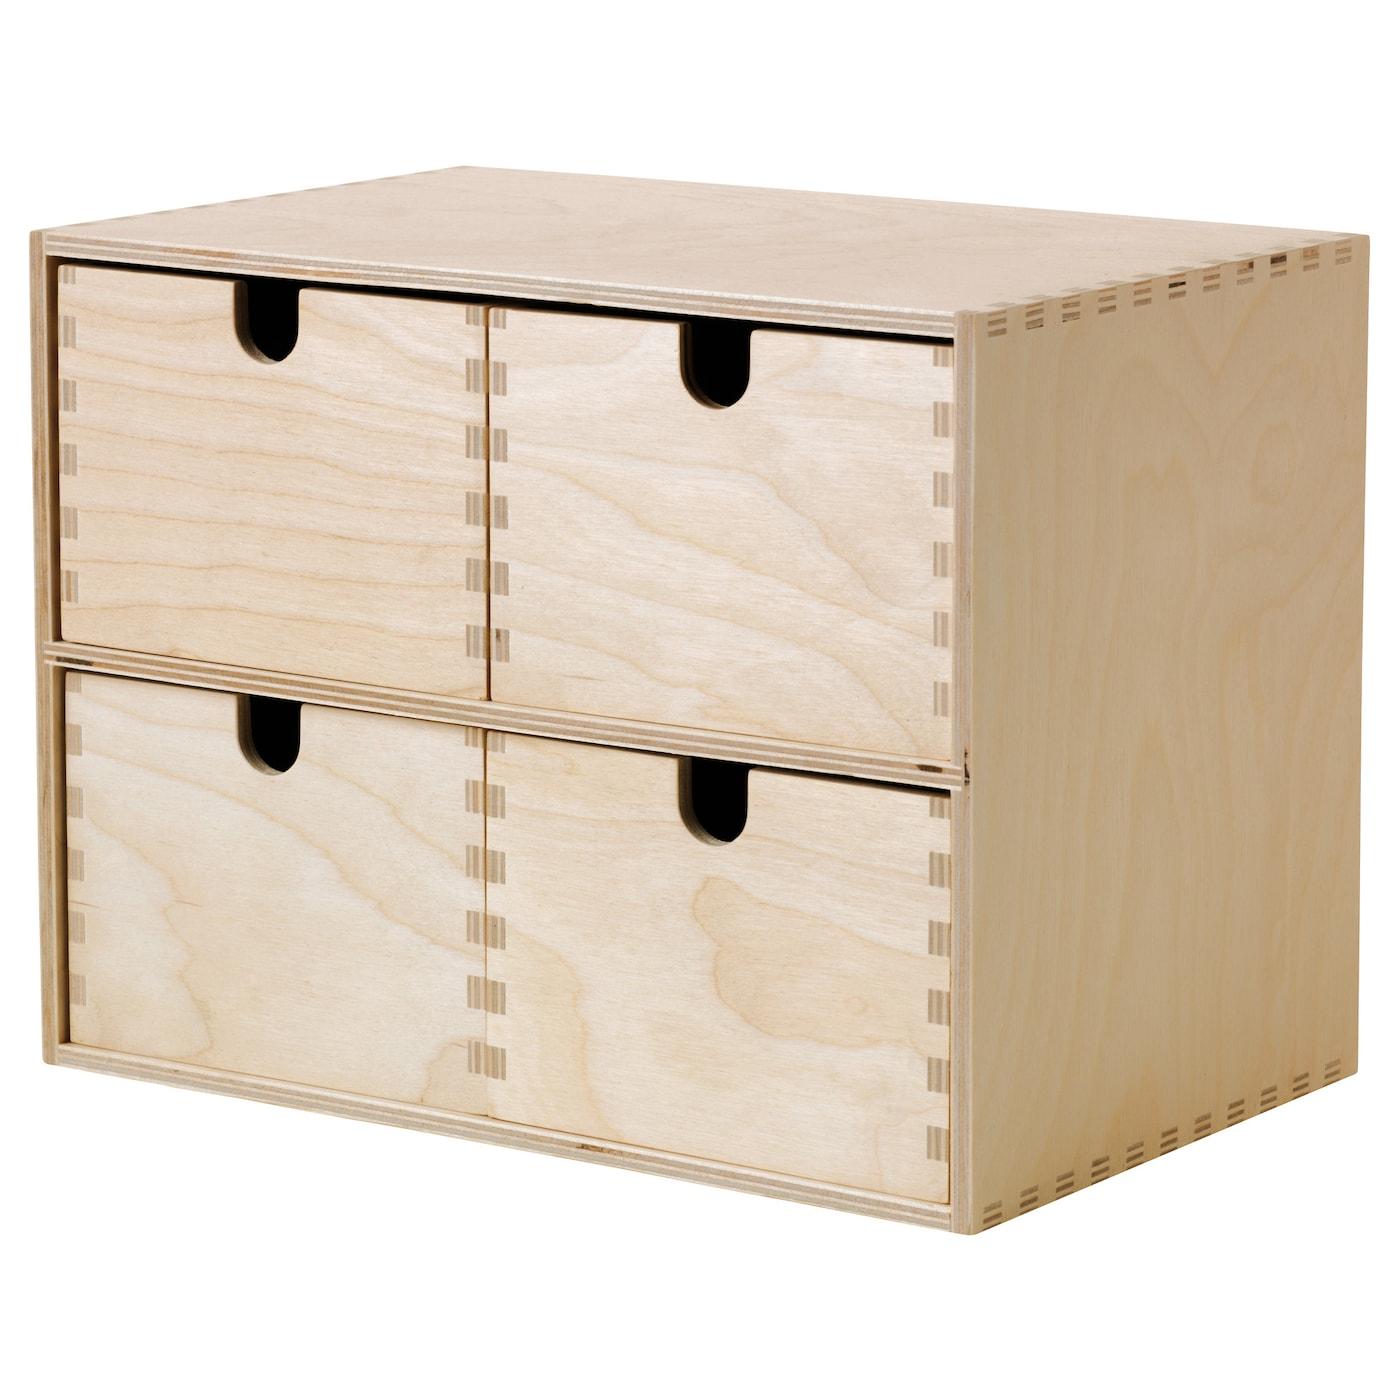 moppe mini commode contreplaqu de bouleau 29x18x22 cm ikea. Black Bedroom Furniture Sets. Home Design Ideas